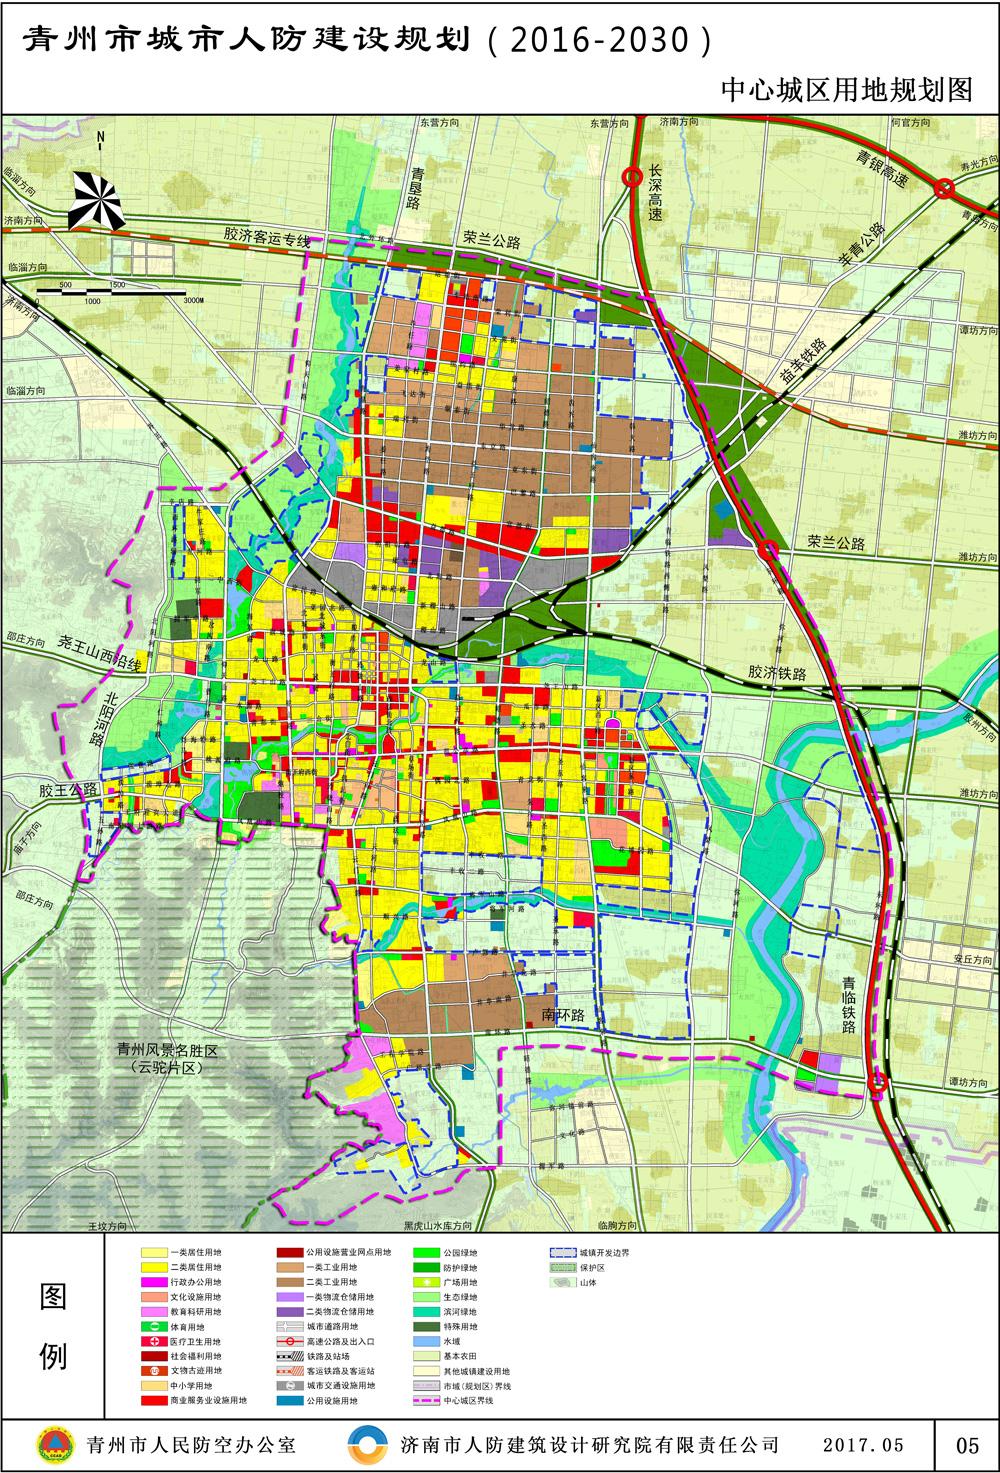 青州市人防總體規劃